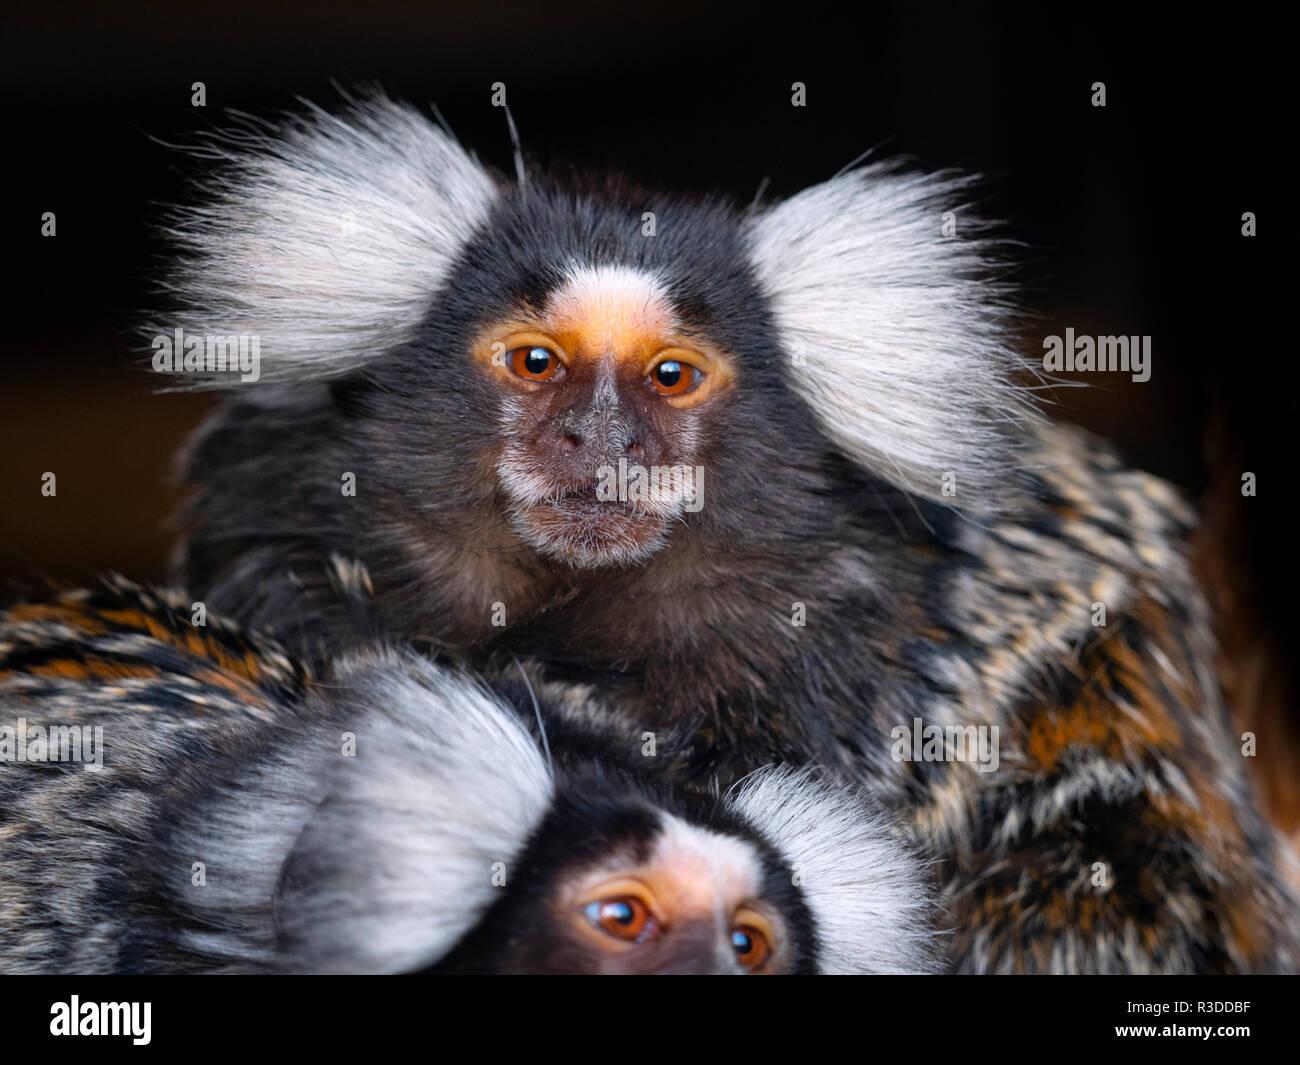 Common marmoset Callithrix jacchus           CAPTIVE - Stock Image